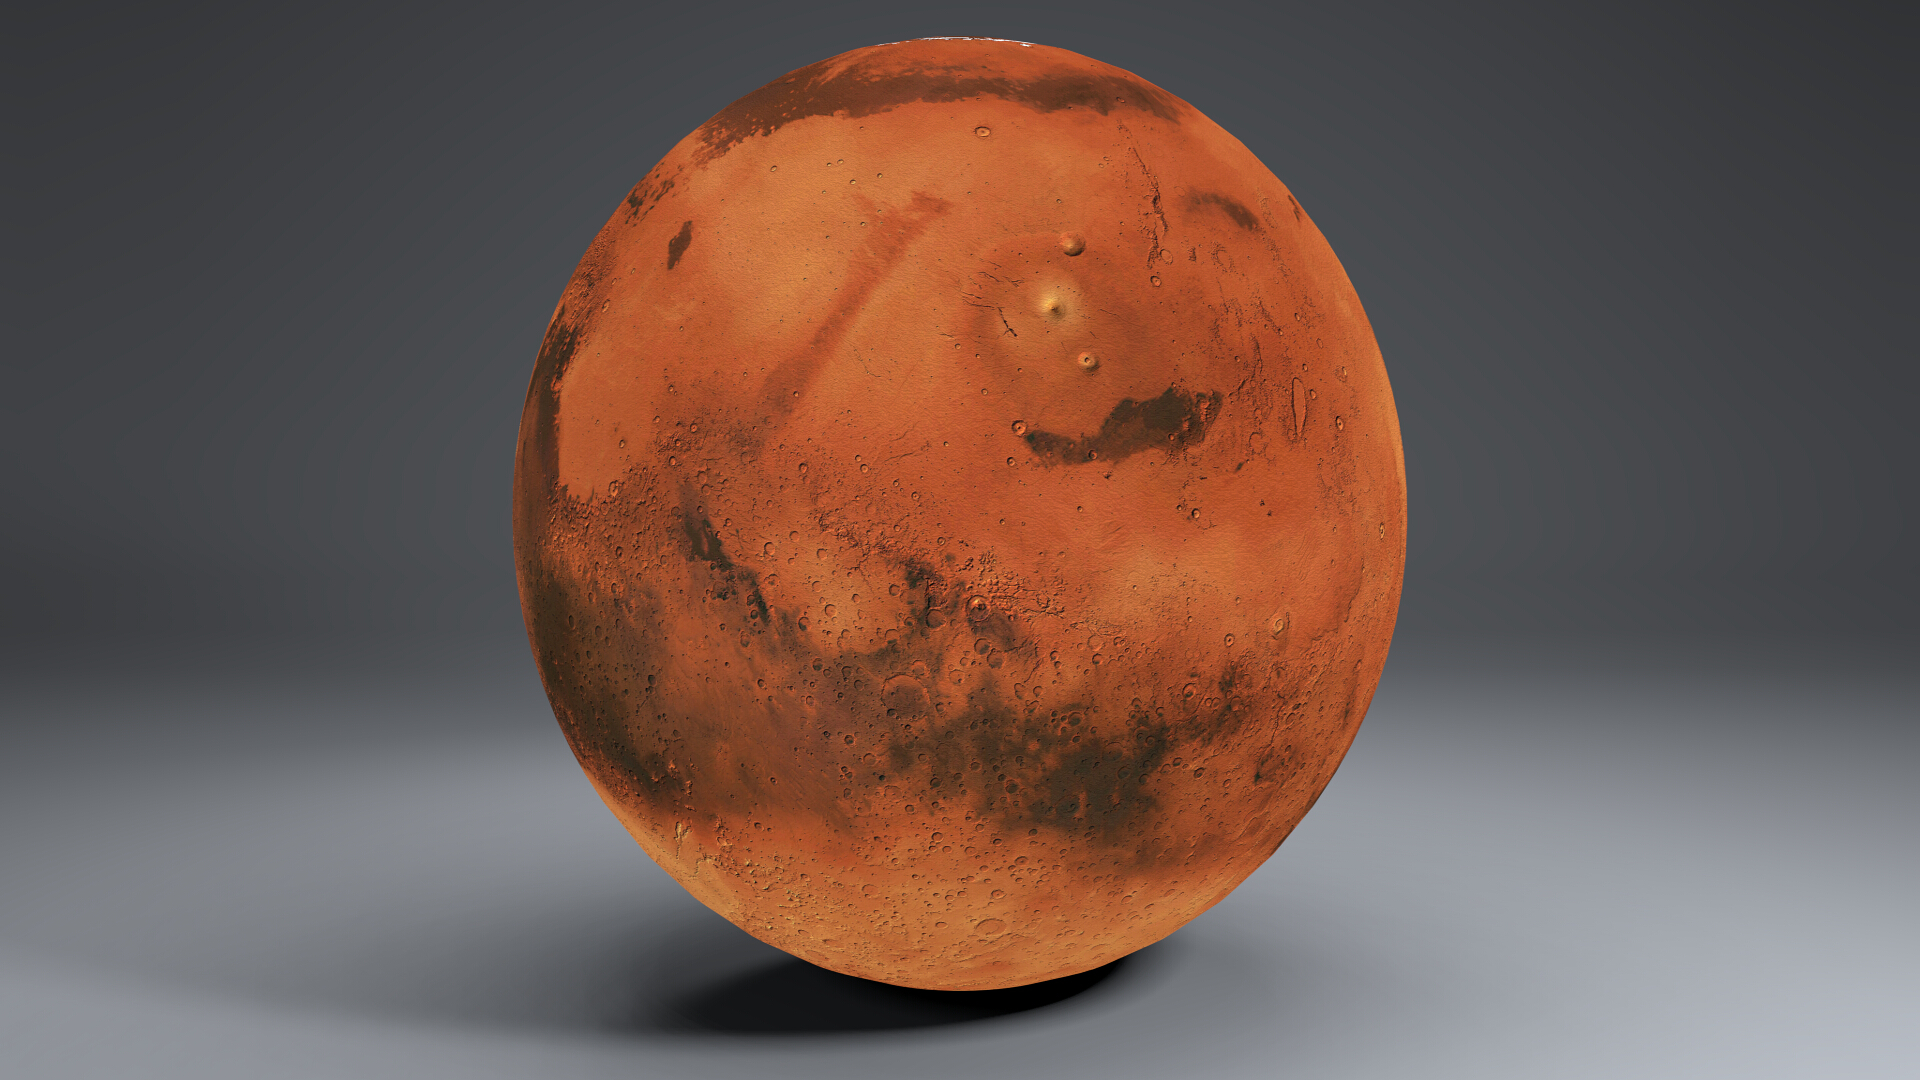 Mars 8k globe 3d model 3ds fbx qarışığı da 223127